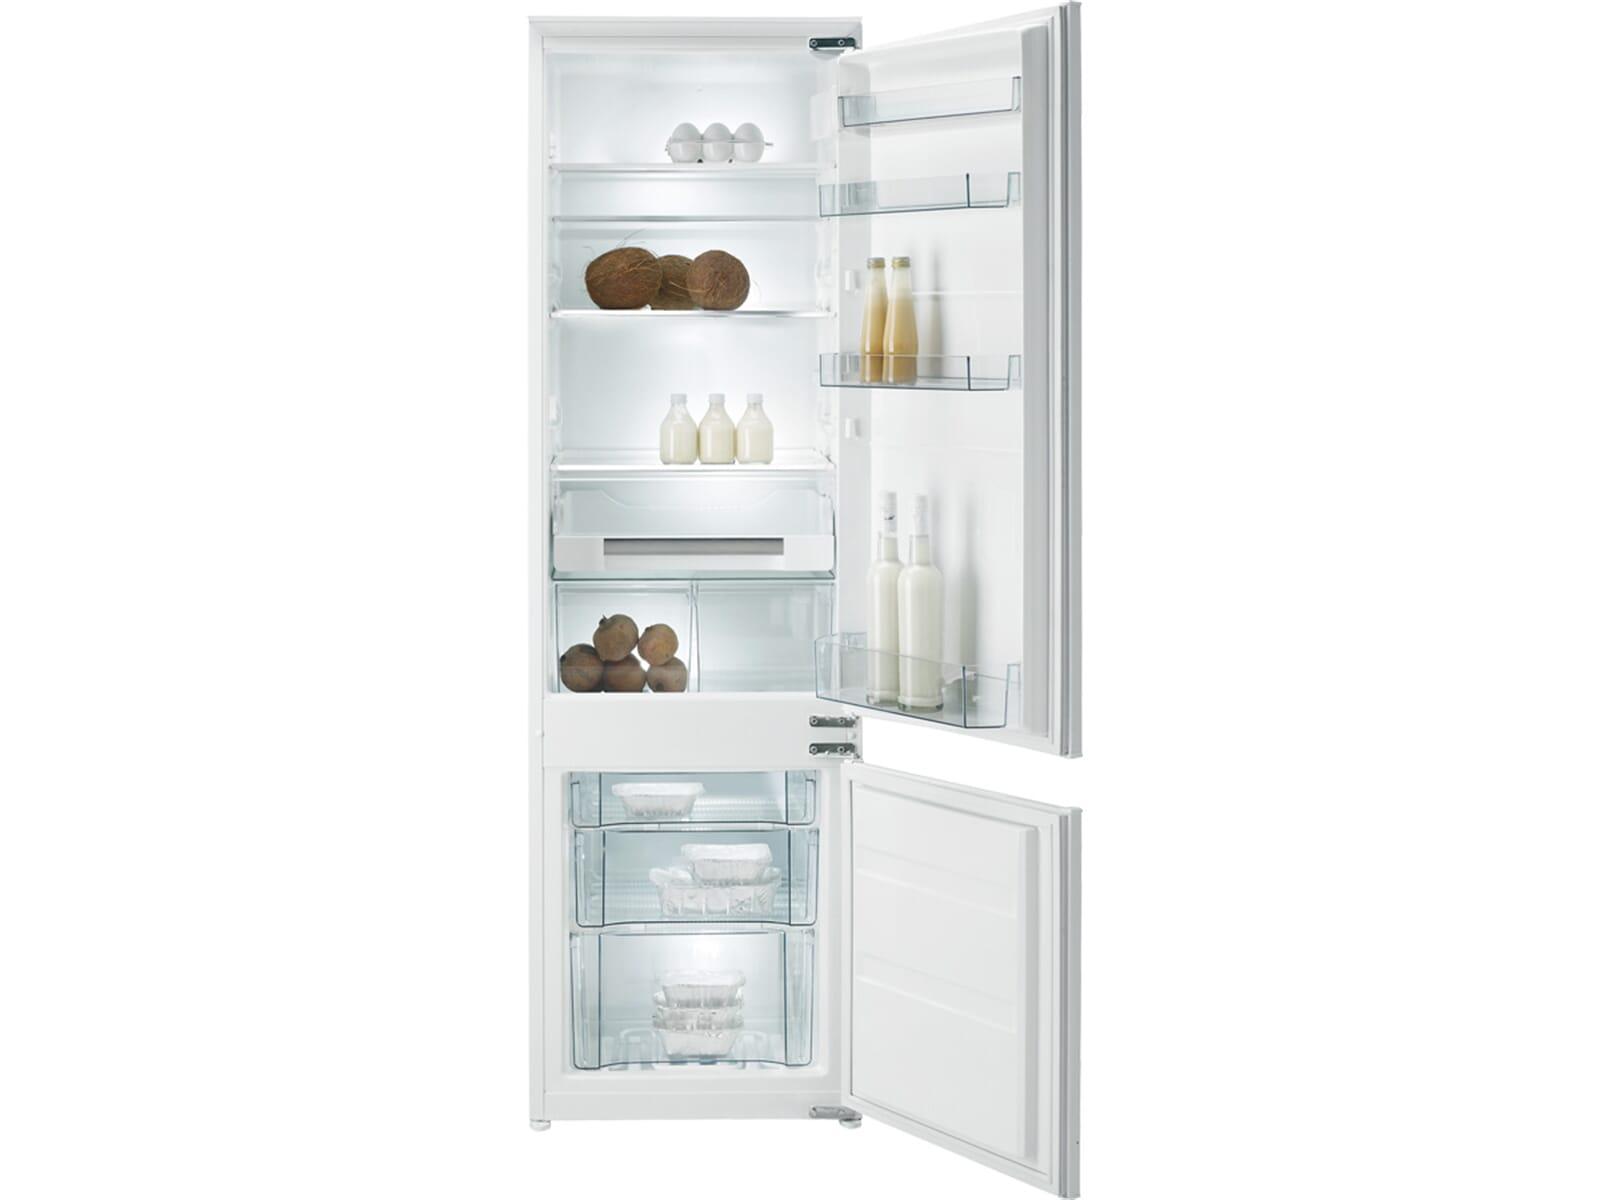 Retro Kühlschrank Rot Gorenje : Kühlschrank lampe wechseln gehäuse geht nicht ab computer